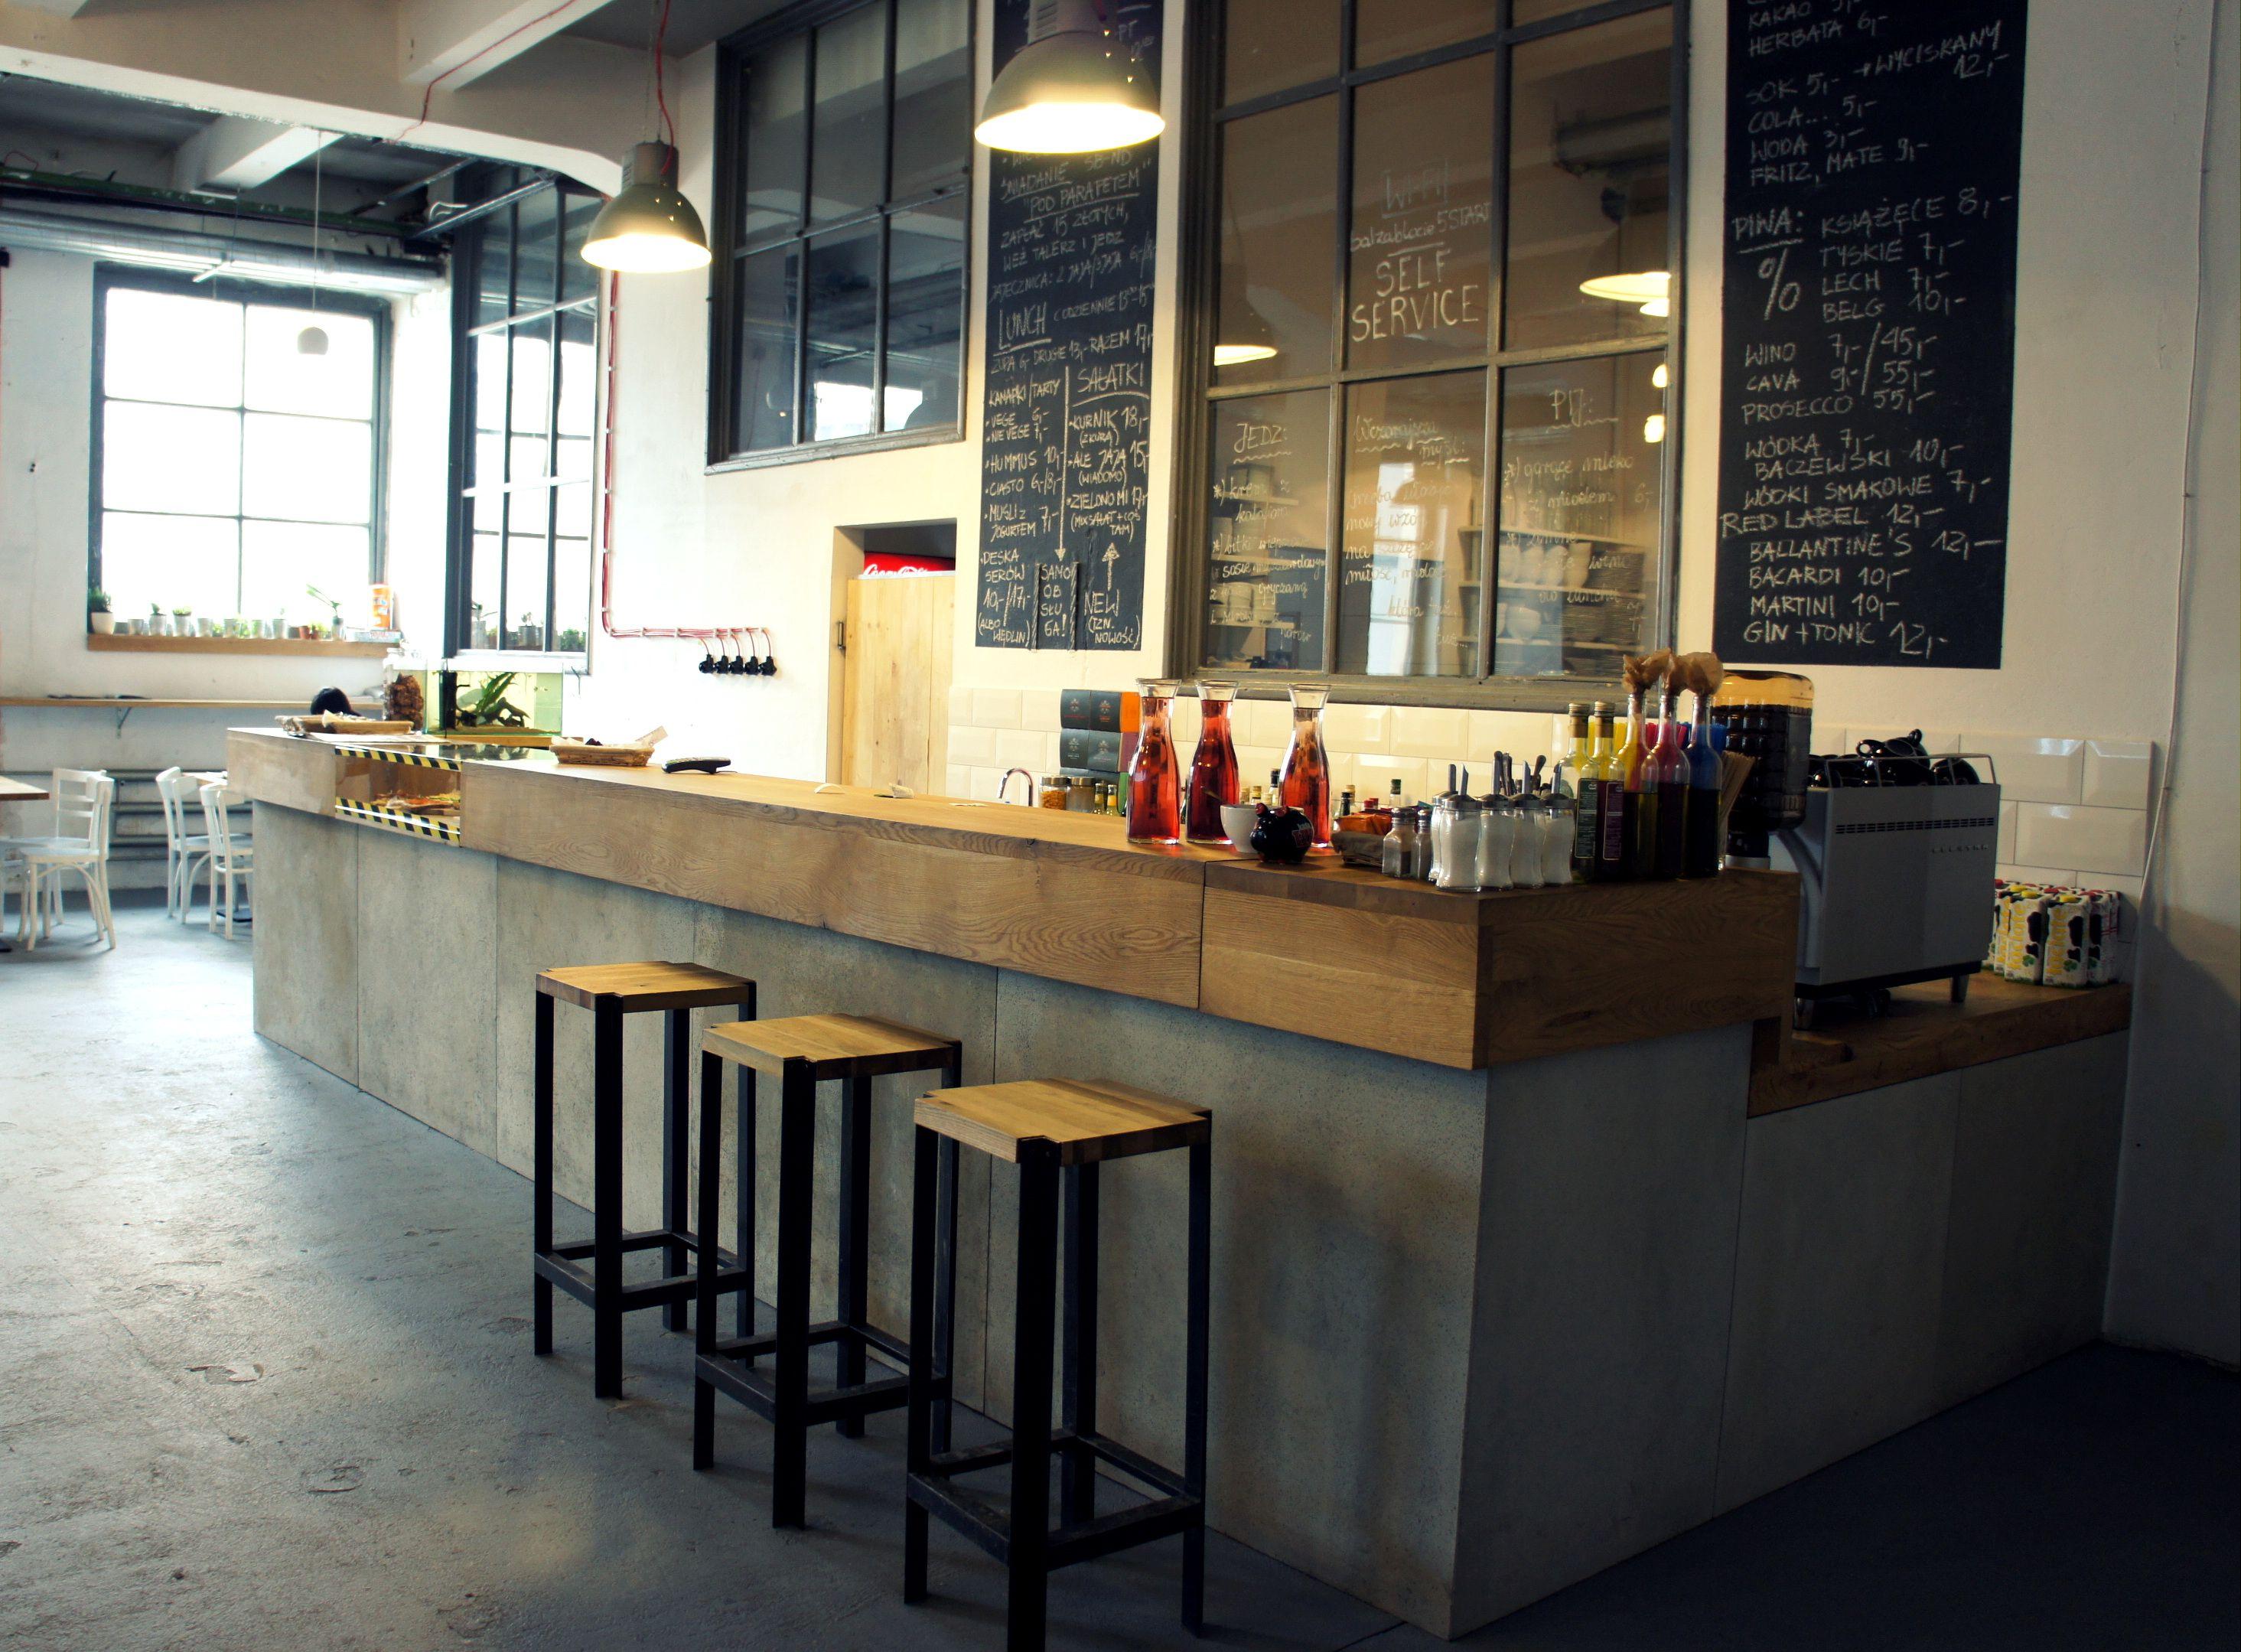 krakowcafe3 (2929×2159) | hipster cafes | pinterest | cafes